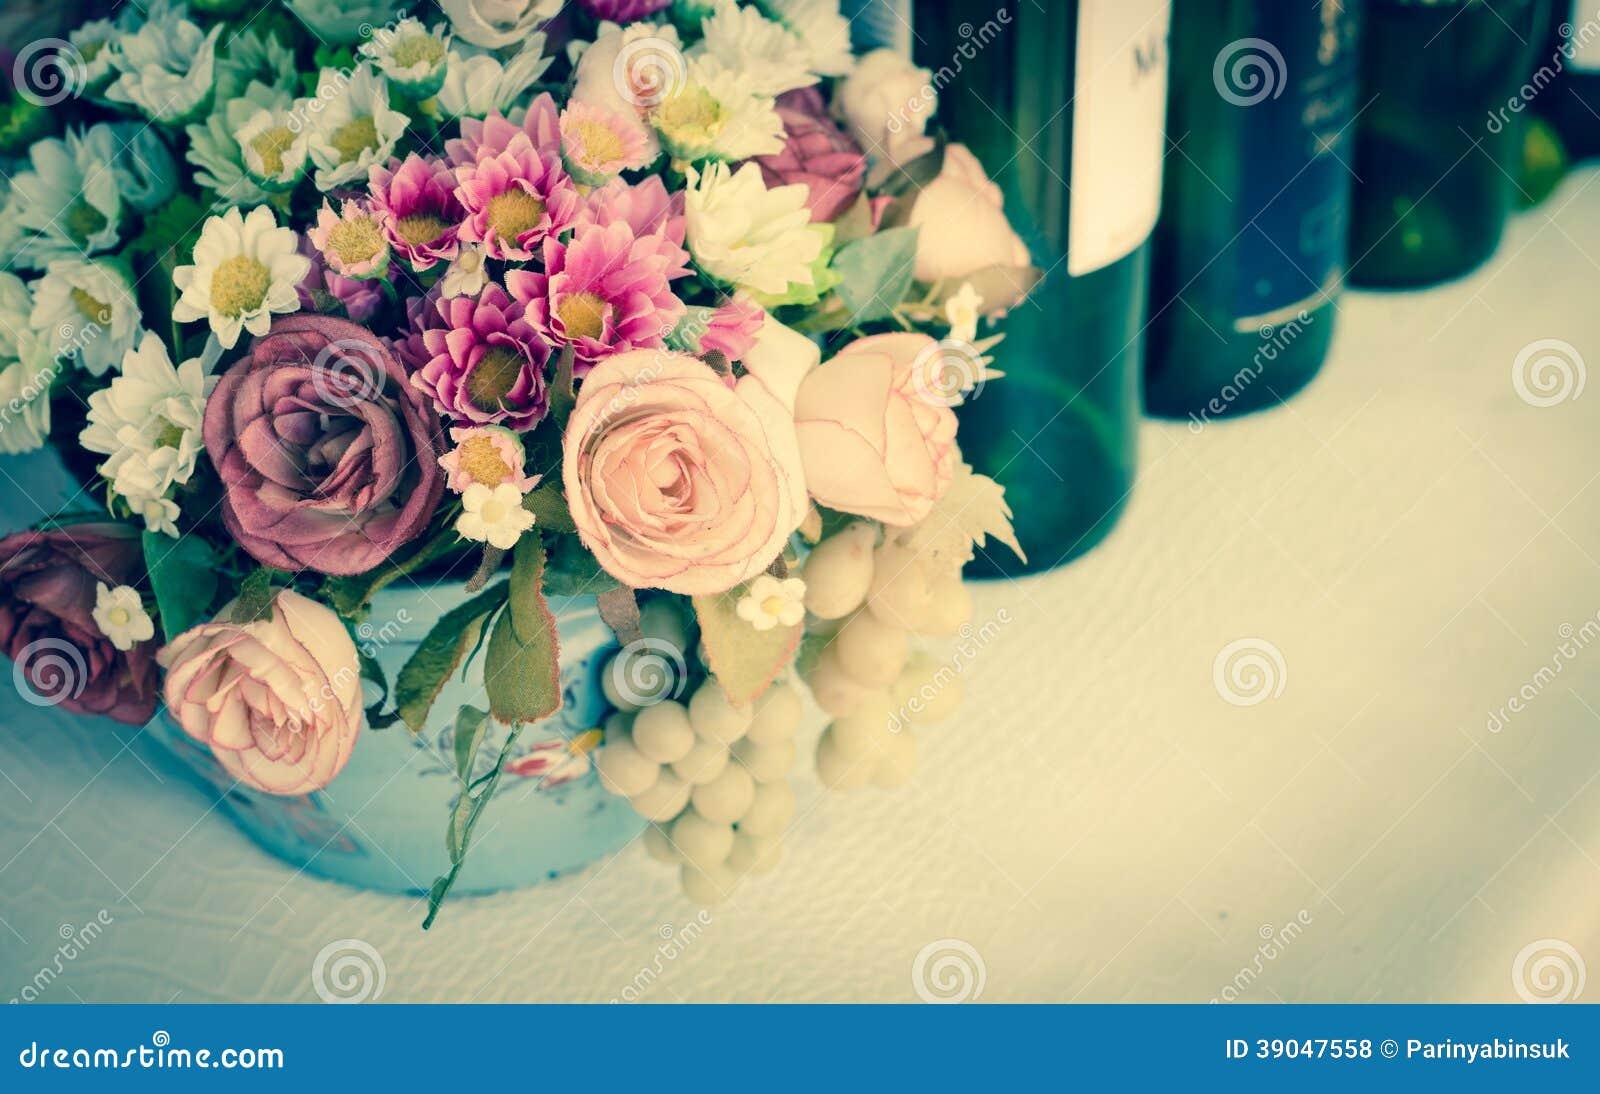 Weinlese-Hochzeitsempfänge